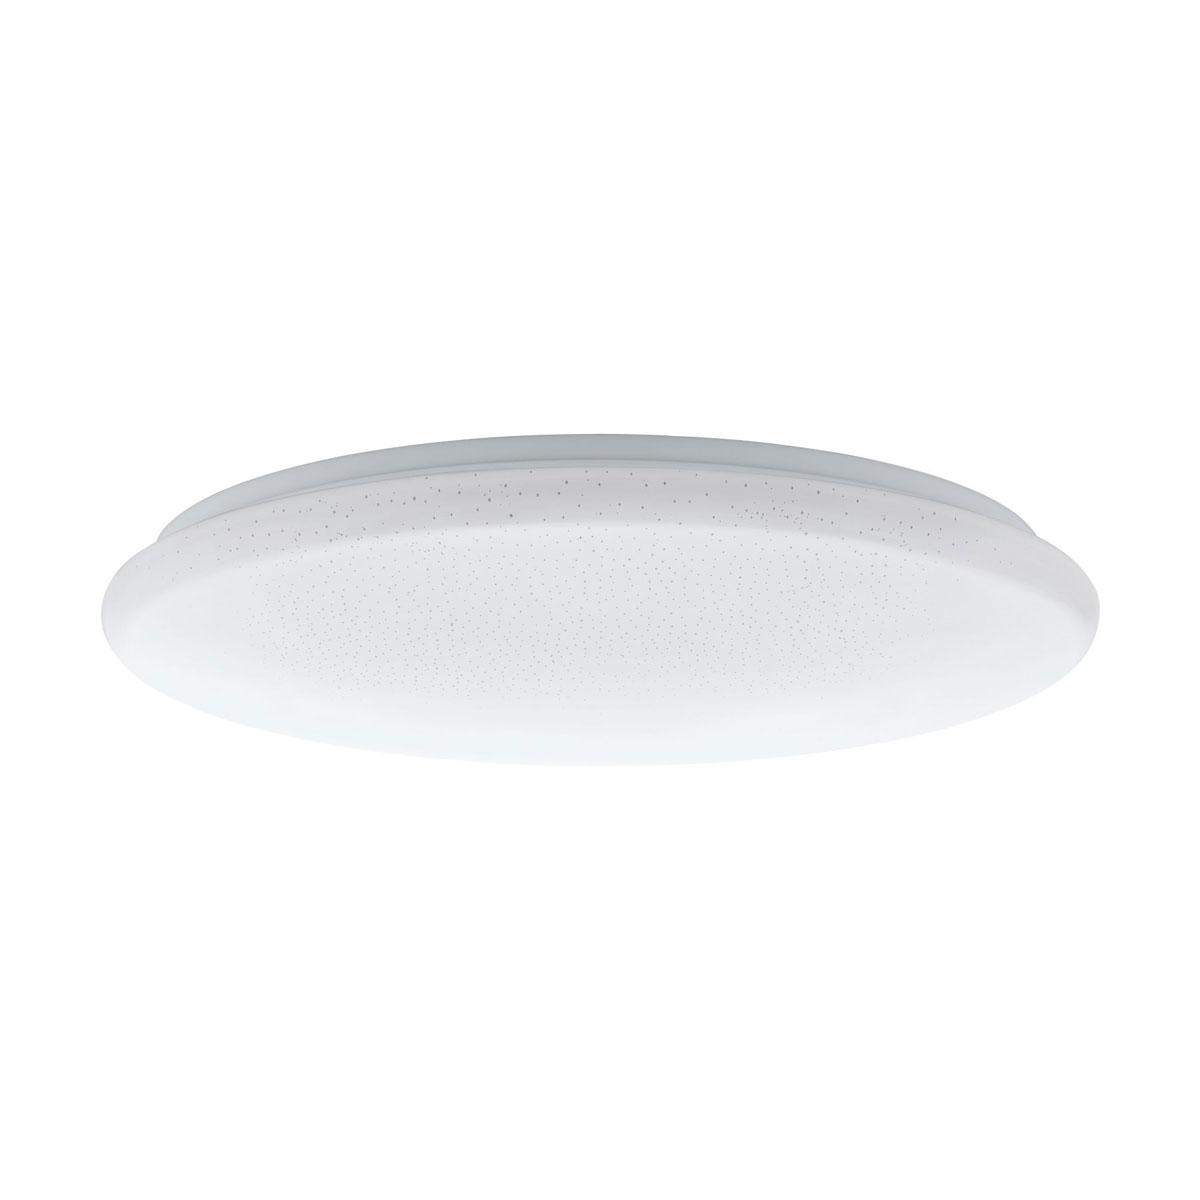 """Deckenleuchten - LED Deckenleuchte """"Giron"""", mit Kistalleffekt, weiß mit Kristalleffekt  - Onlineshop Hellweg"""